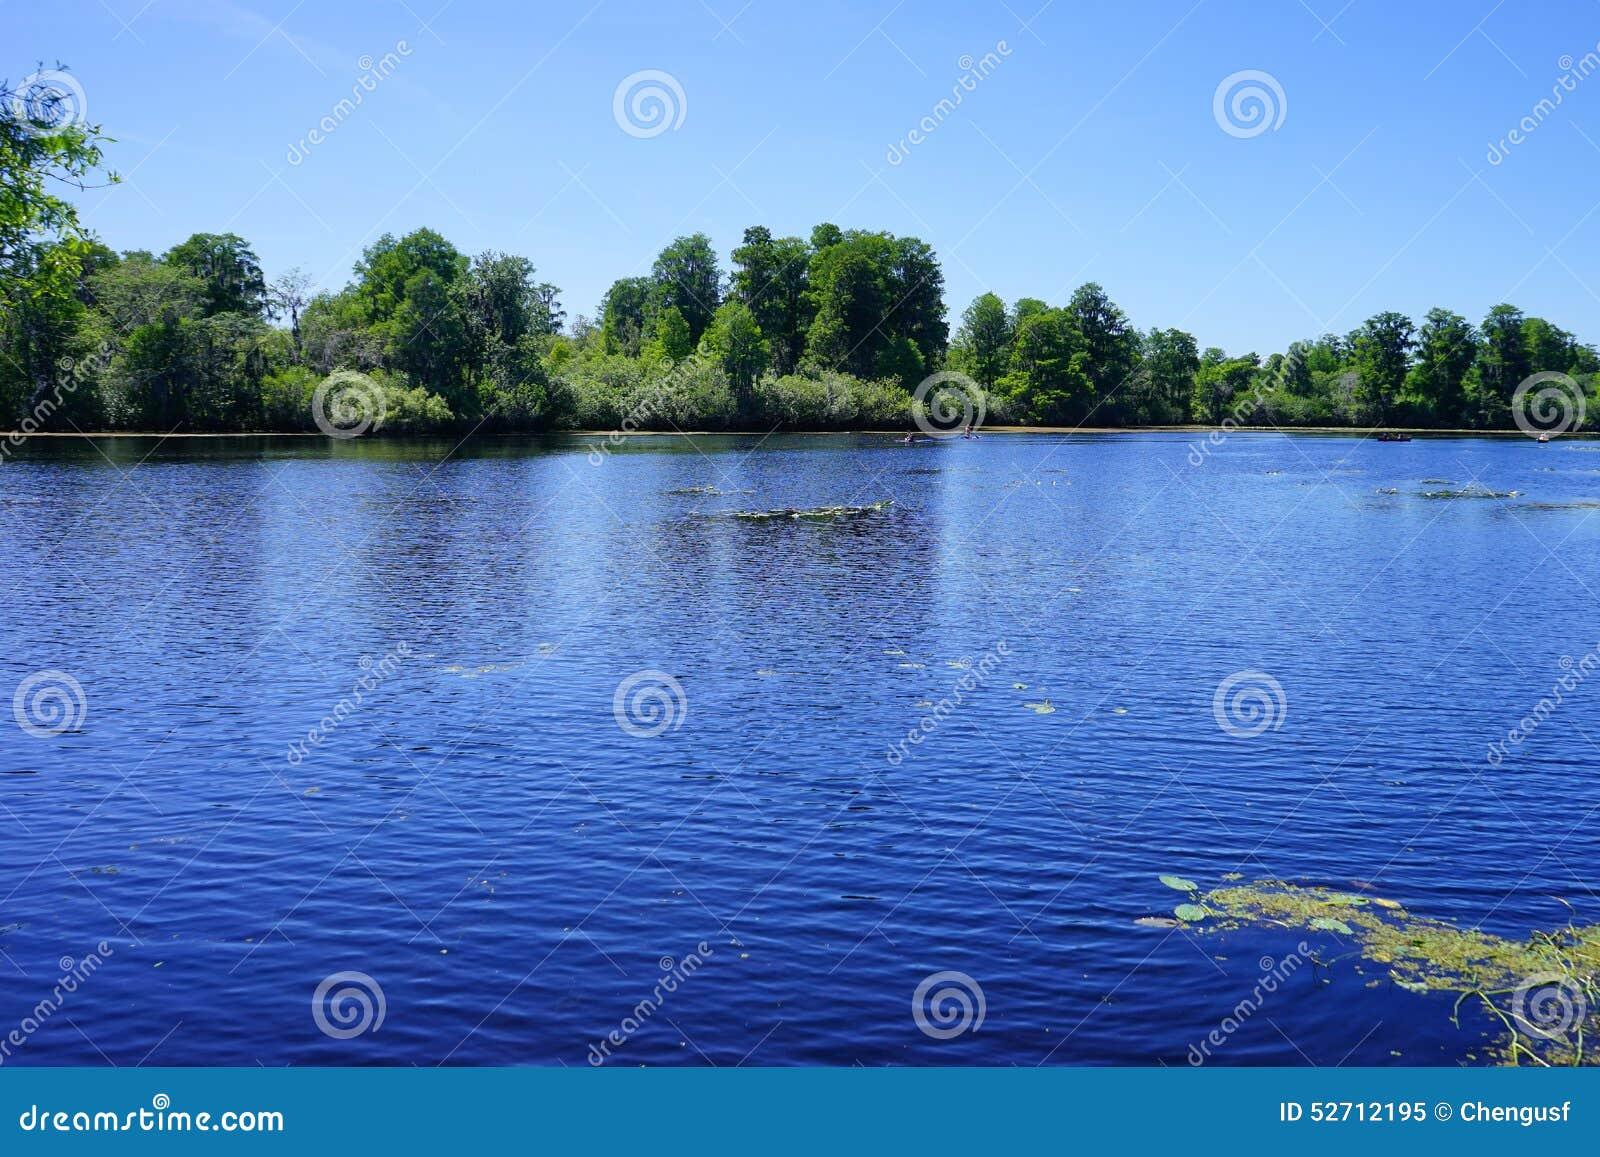 Parque do lago lettuce,